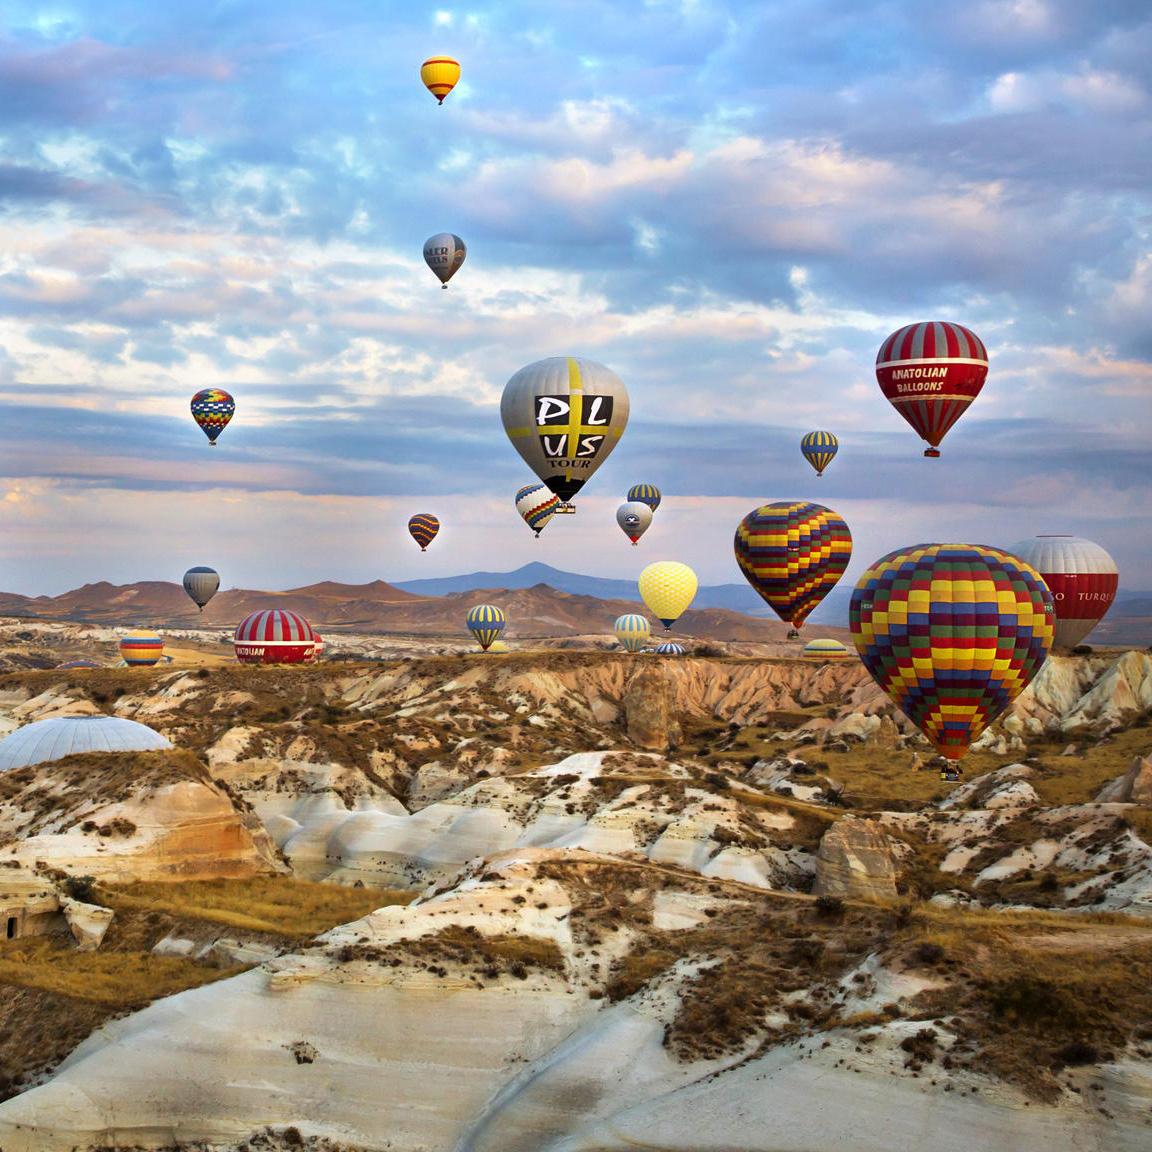 Cappadocia Comfort Balloon Tour